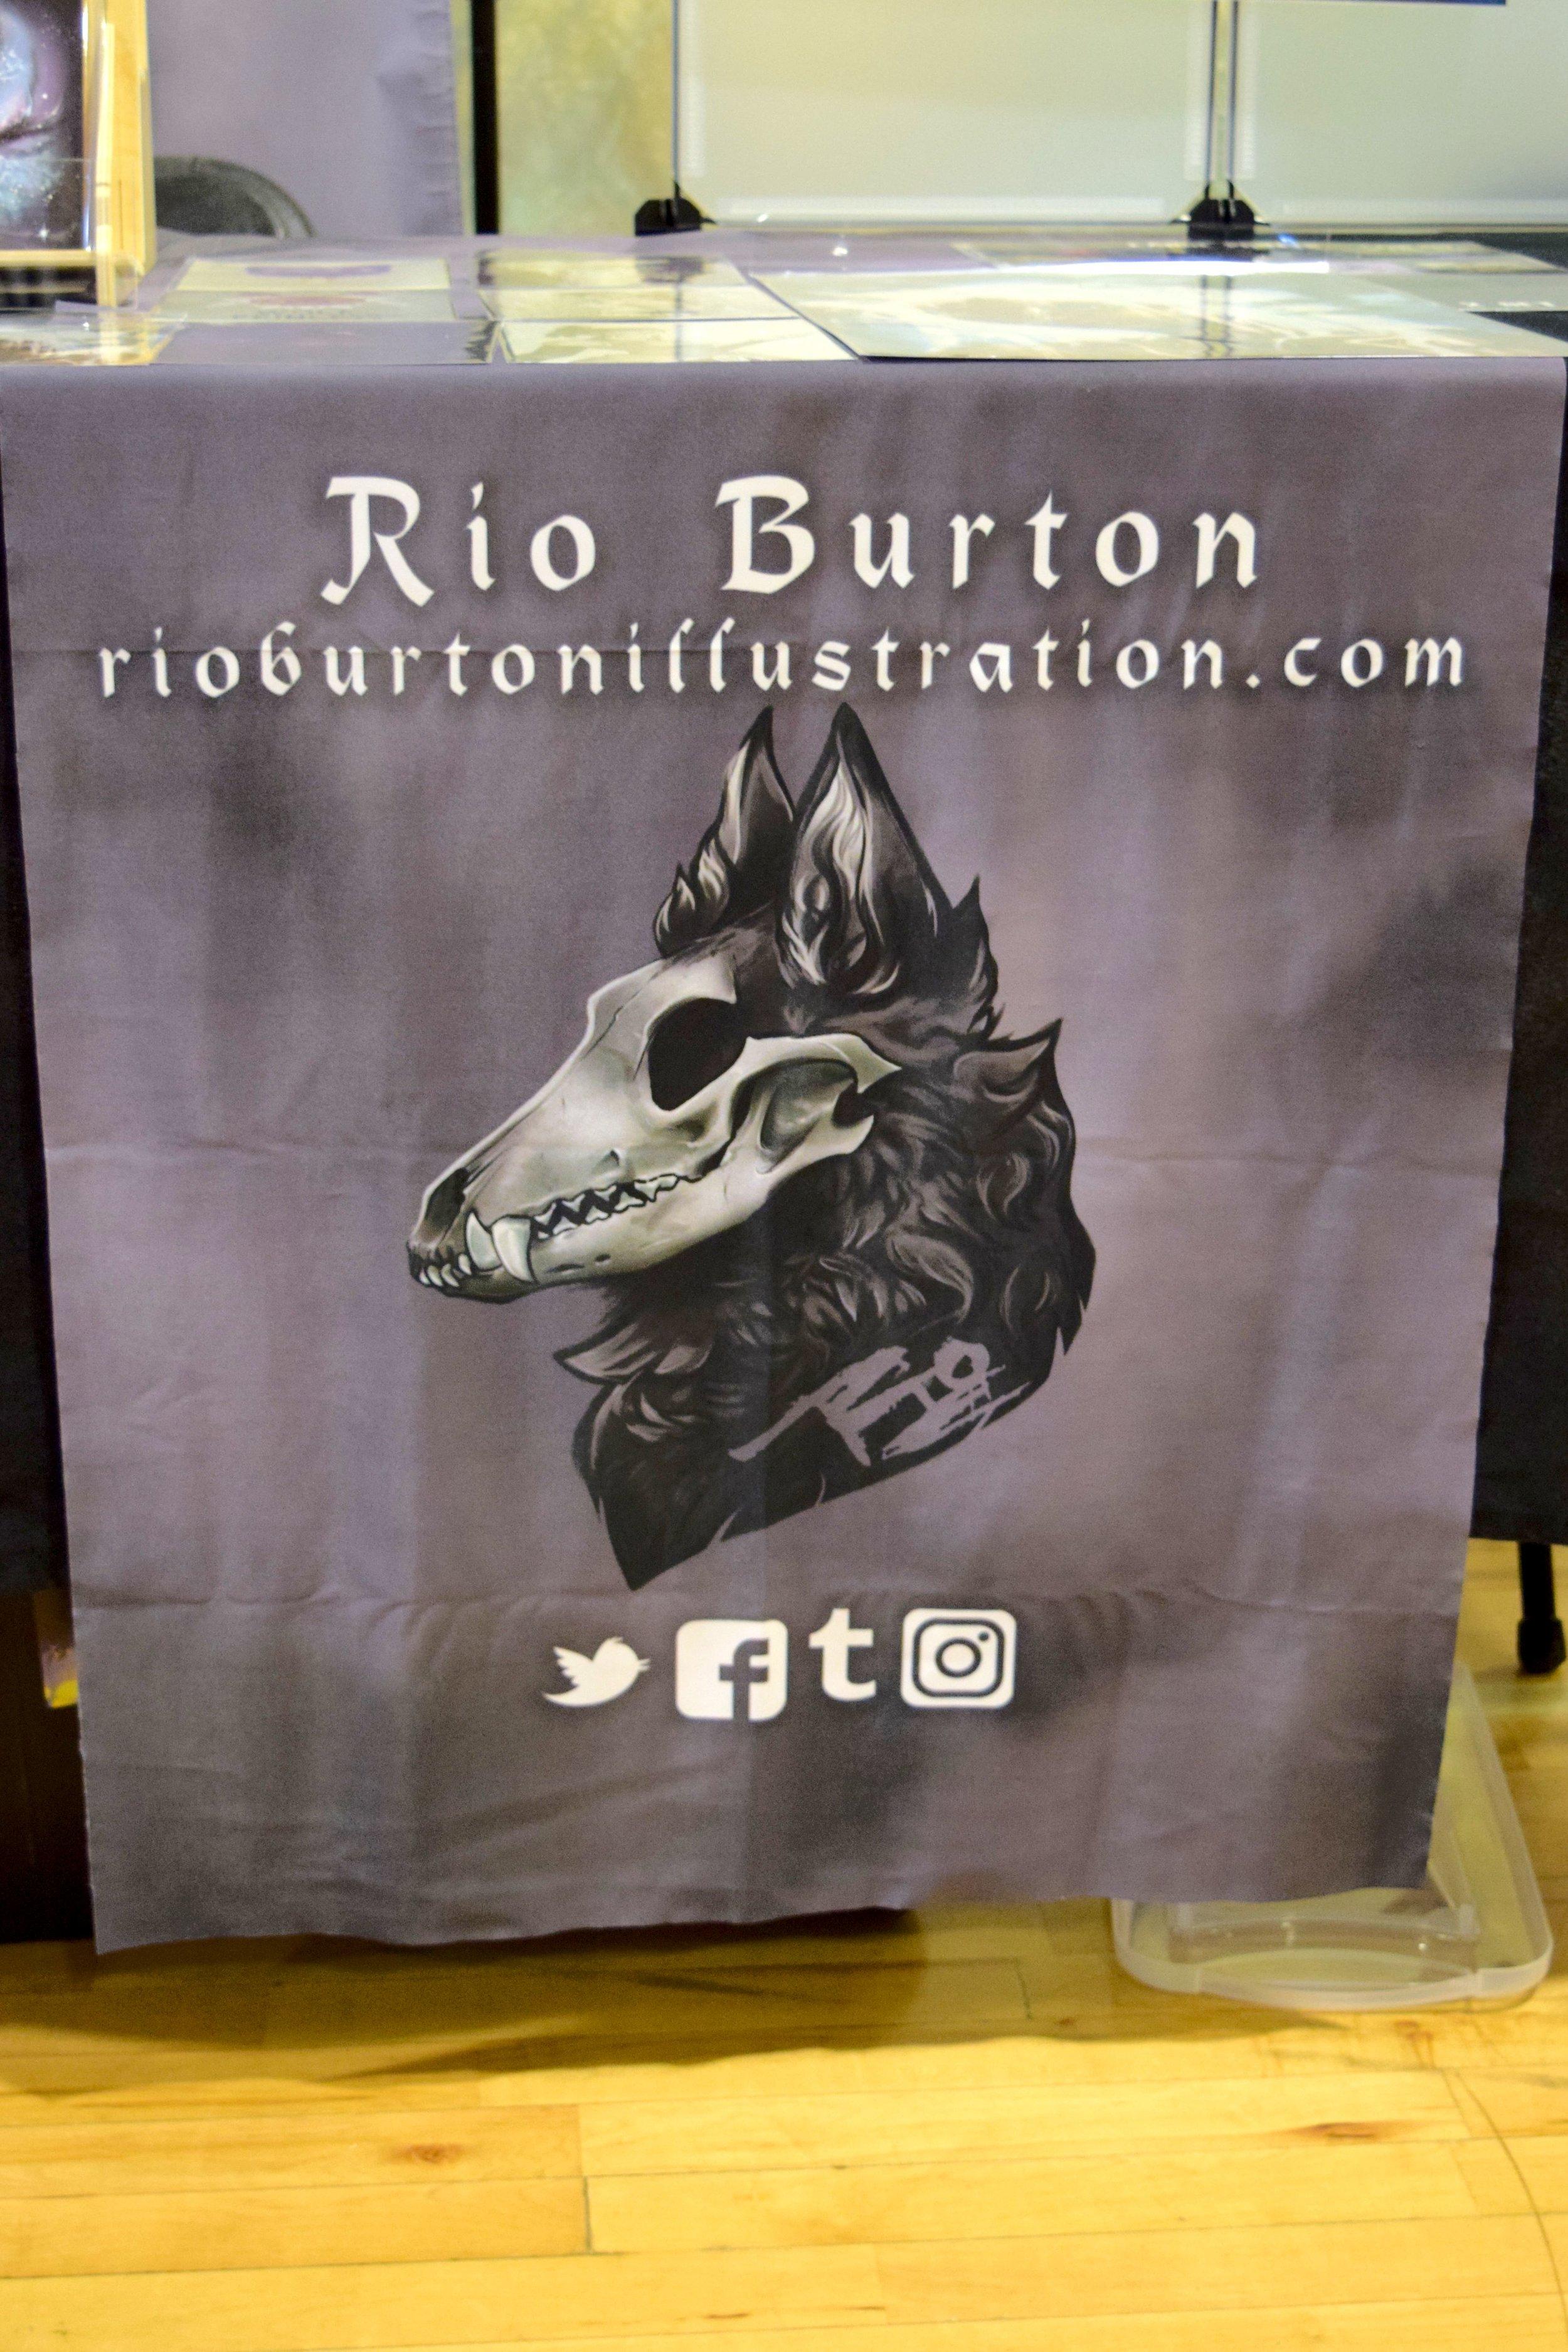 Rio Burton's table banner at Fort Collins Comic Con 2018.